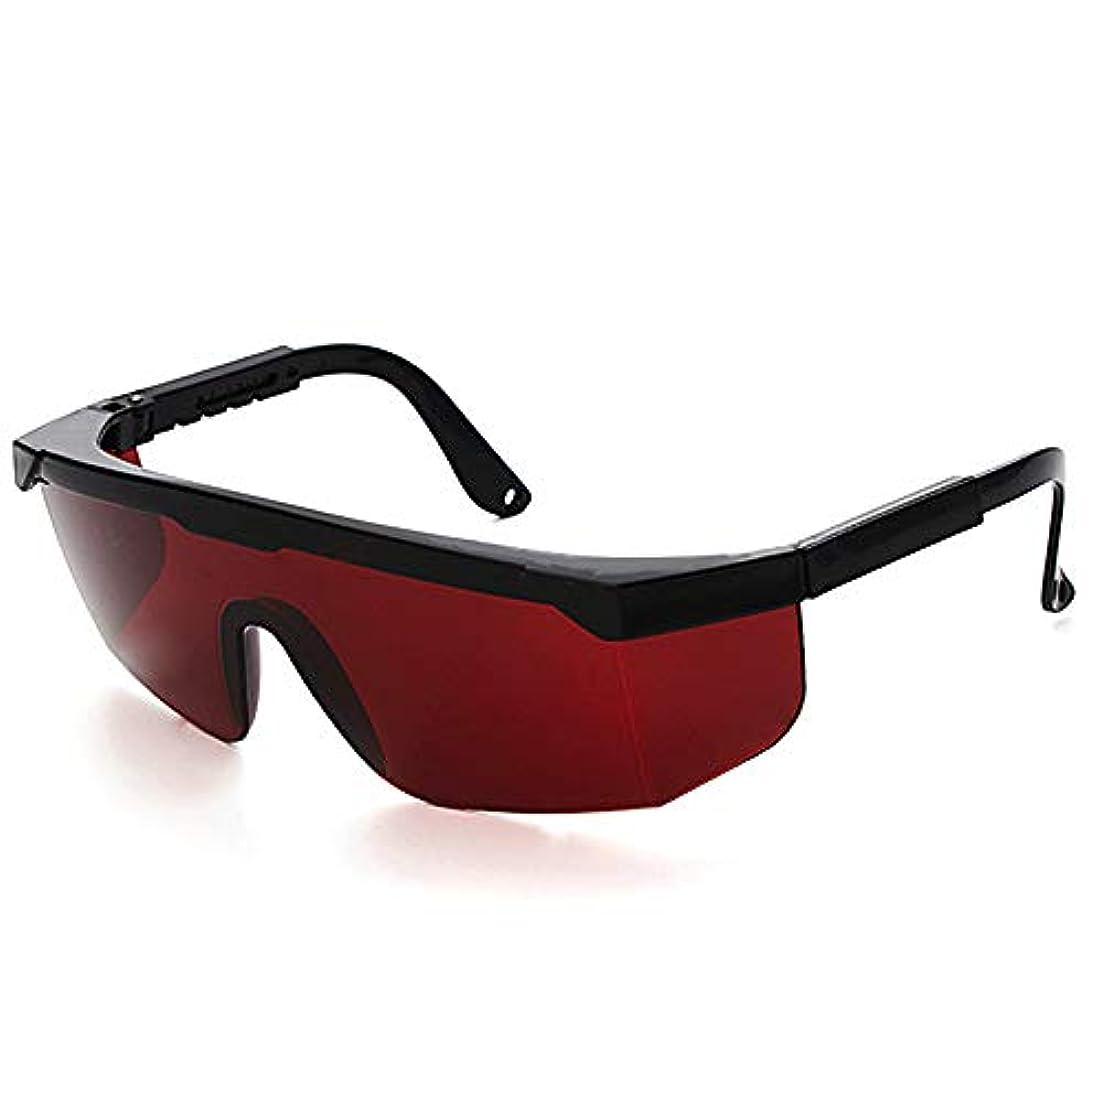 担保すごいバイバイJiayaofu レーザー保護メガネIPL美容機器メガネレーザーペアIPLメガネ、安全メガネ